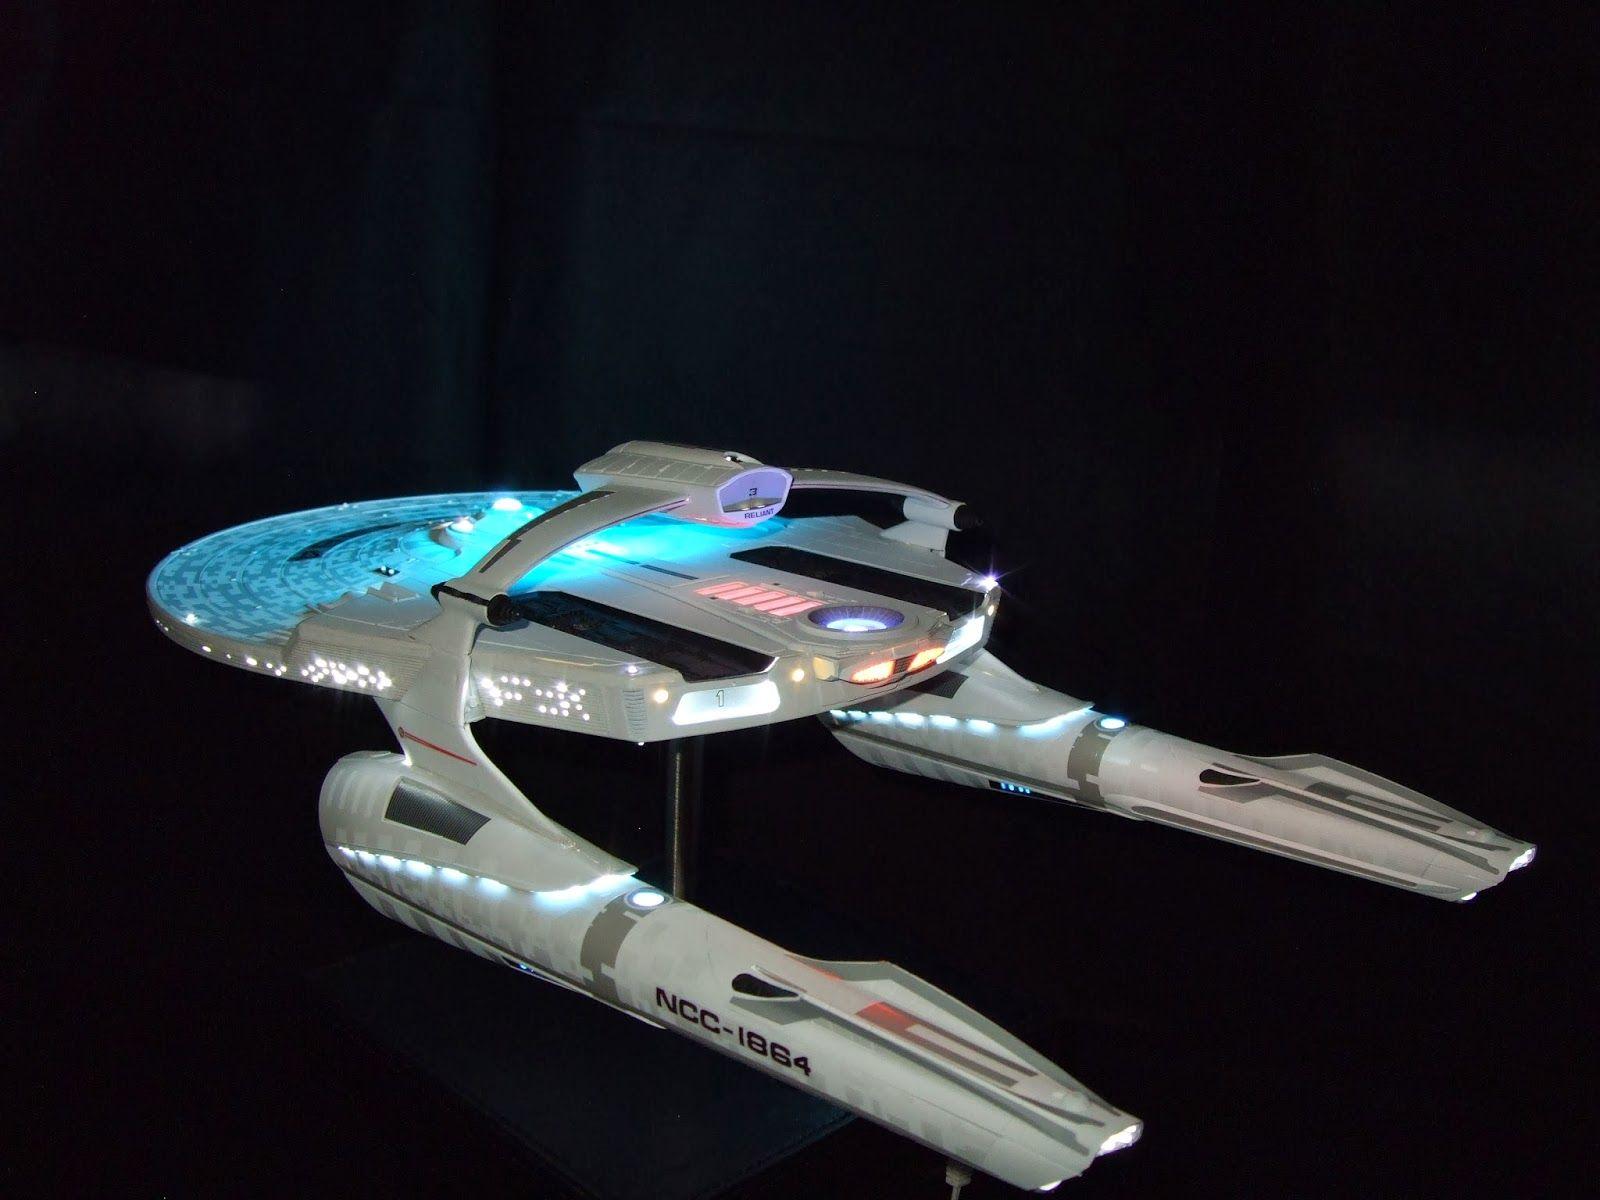 68c0319bc16e36bdec0ca7c4878a5606 Uss Voyager Schematics on sci-fi spaceship schematics, star trek warp drive schematics, star trek shuttle craft schematics, uss x-1, 1701-d schematics, uss defiant specs, star trek ship schematics, gilso star trek schematics, yamato 2199 schematics, uss enterprise plans, firefly ship schematics, uss enterprise d refit, starship enterprise schematics, uss enterprise ncc-1701 specifications, star trek lcars schematics, new star trek starship schematics, uss enterprise saucer separation, uss enterprise diagram, uss enterprise nx-01 refit,